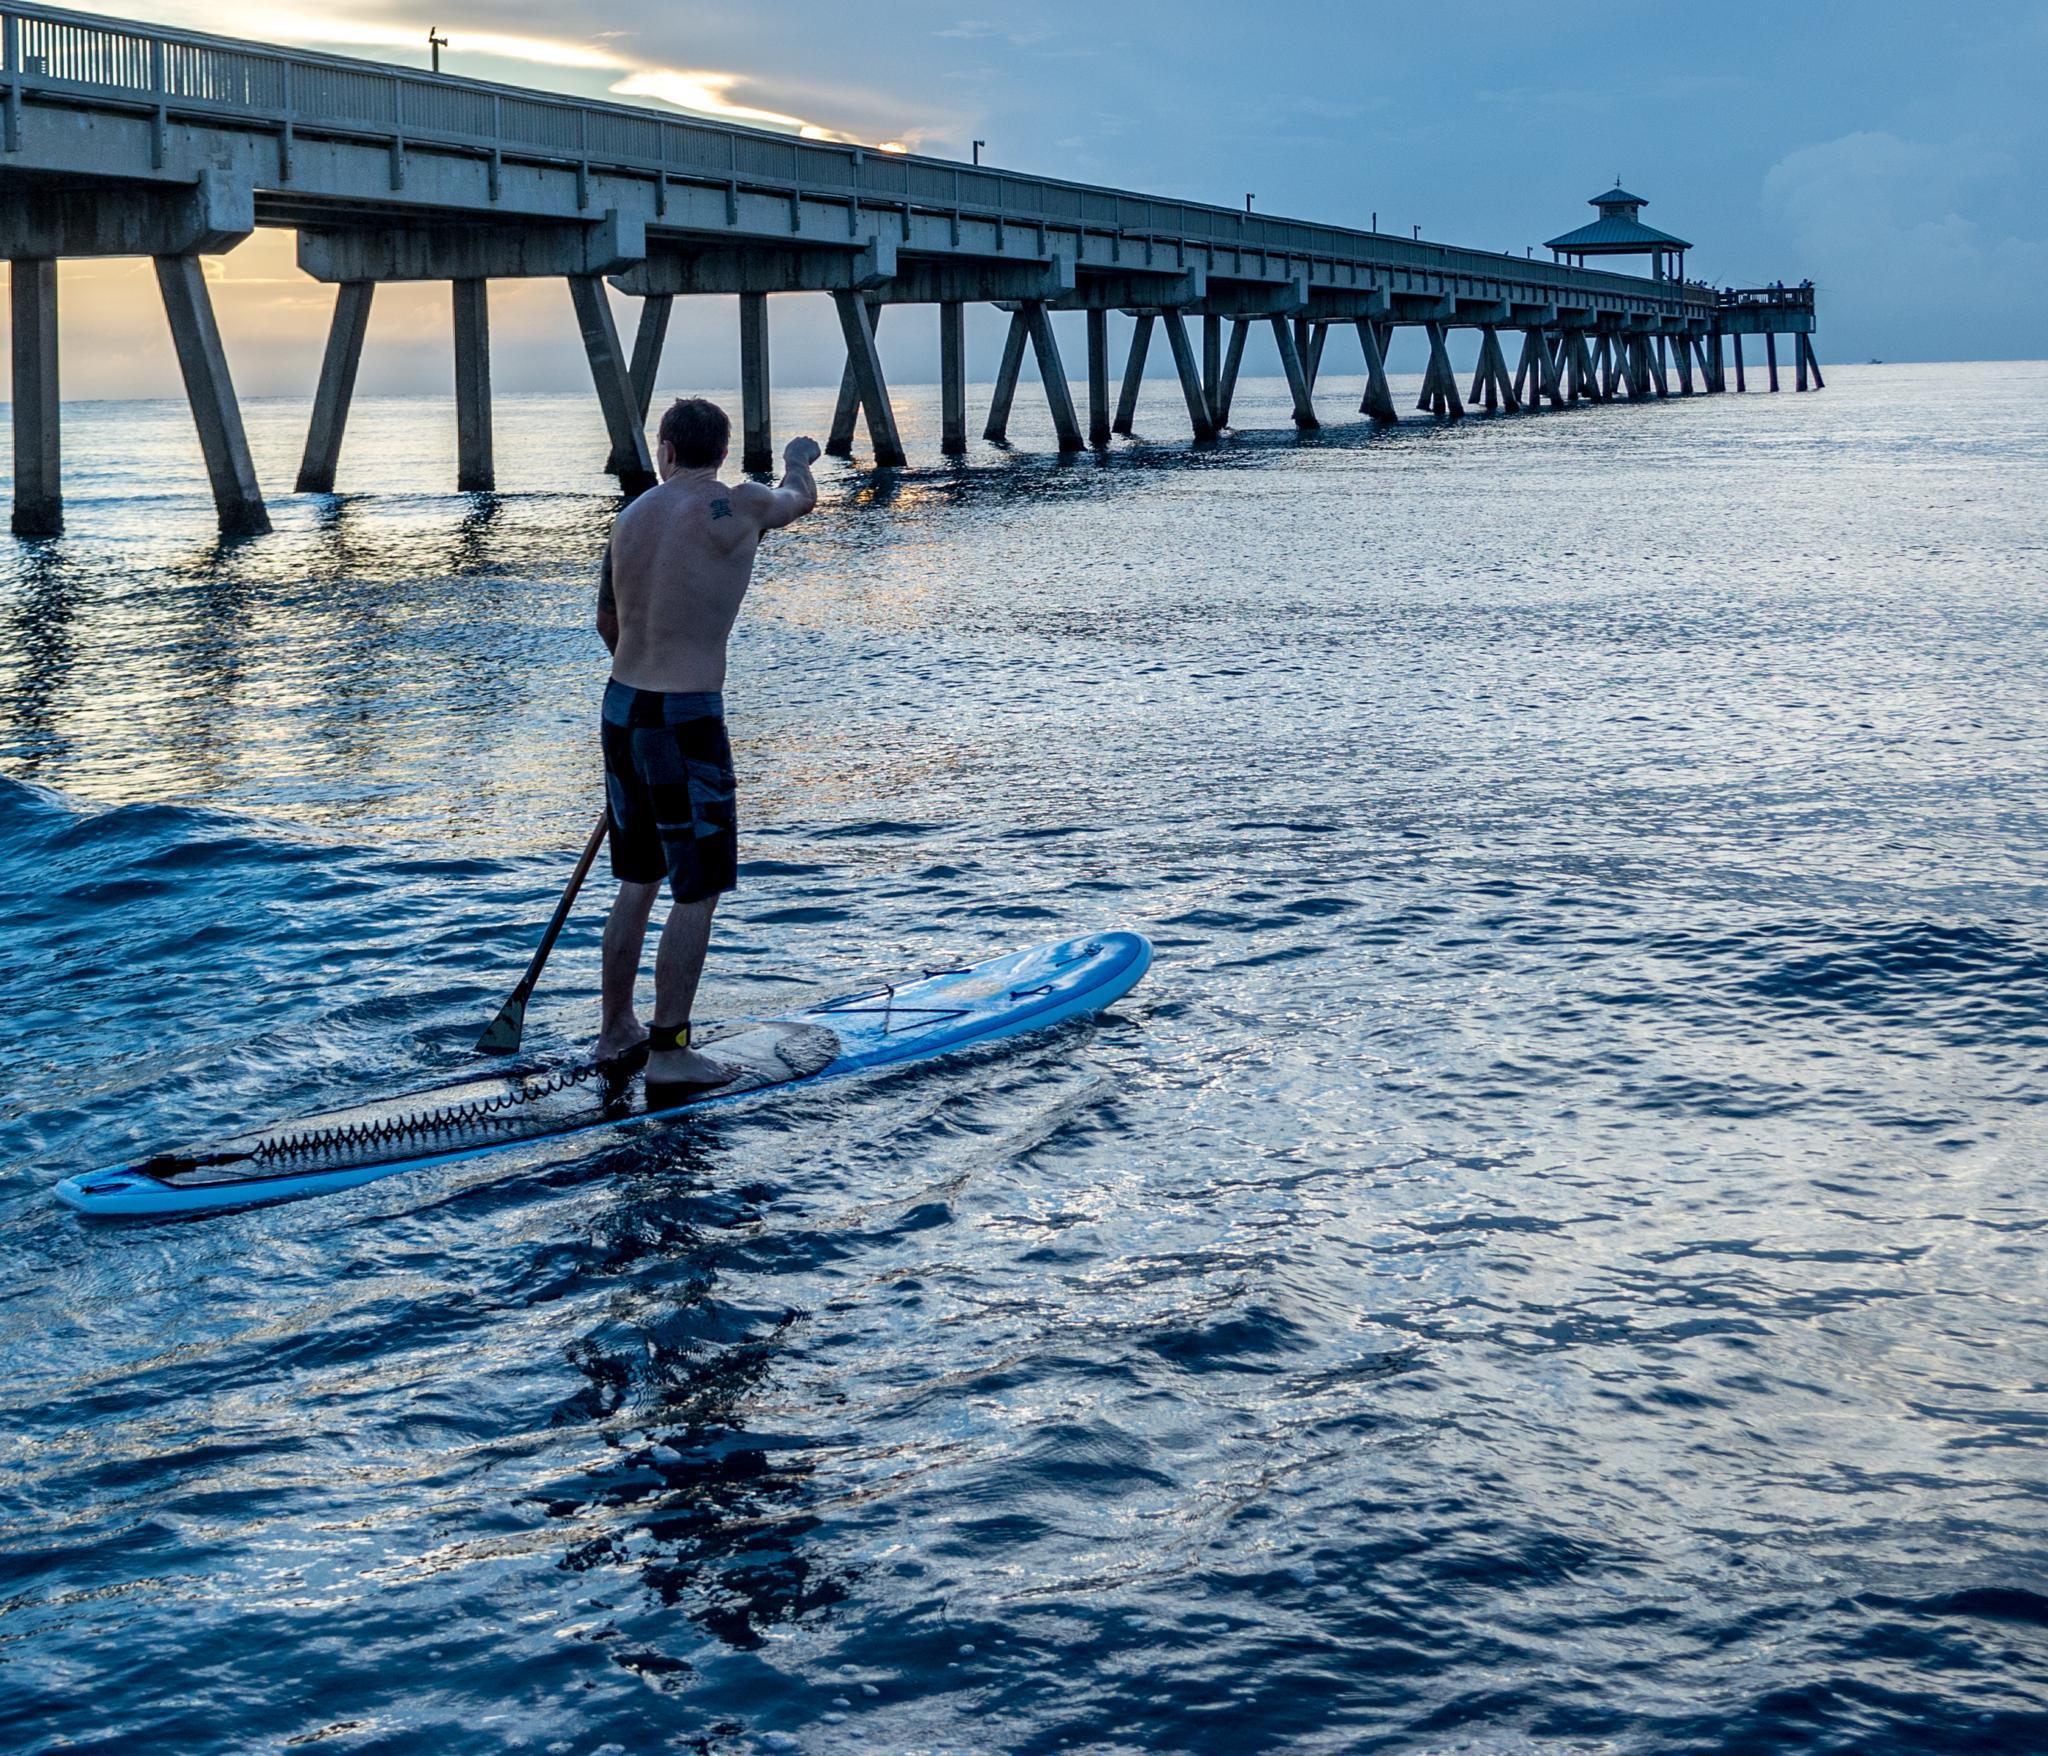 Paddle Board by John Schneyer